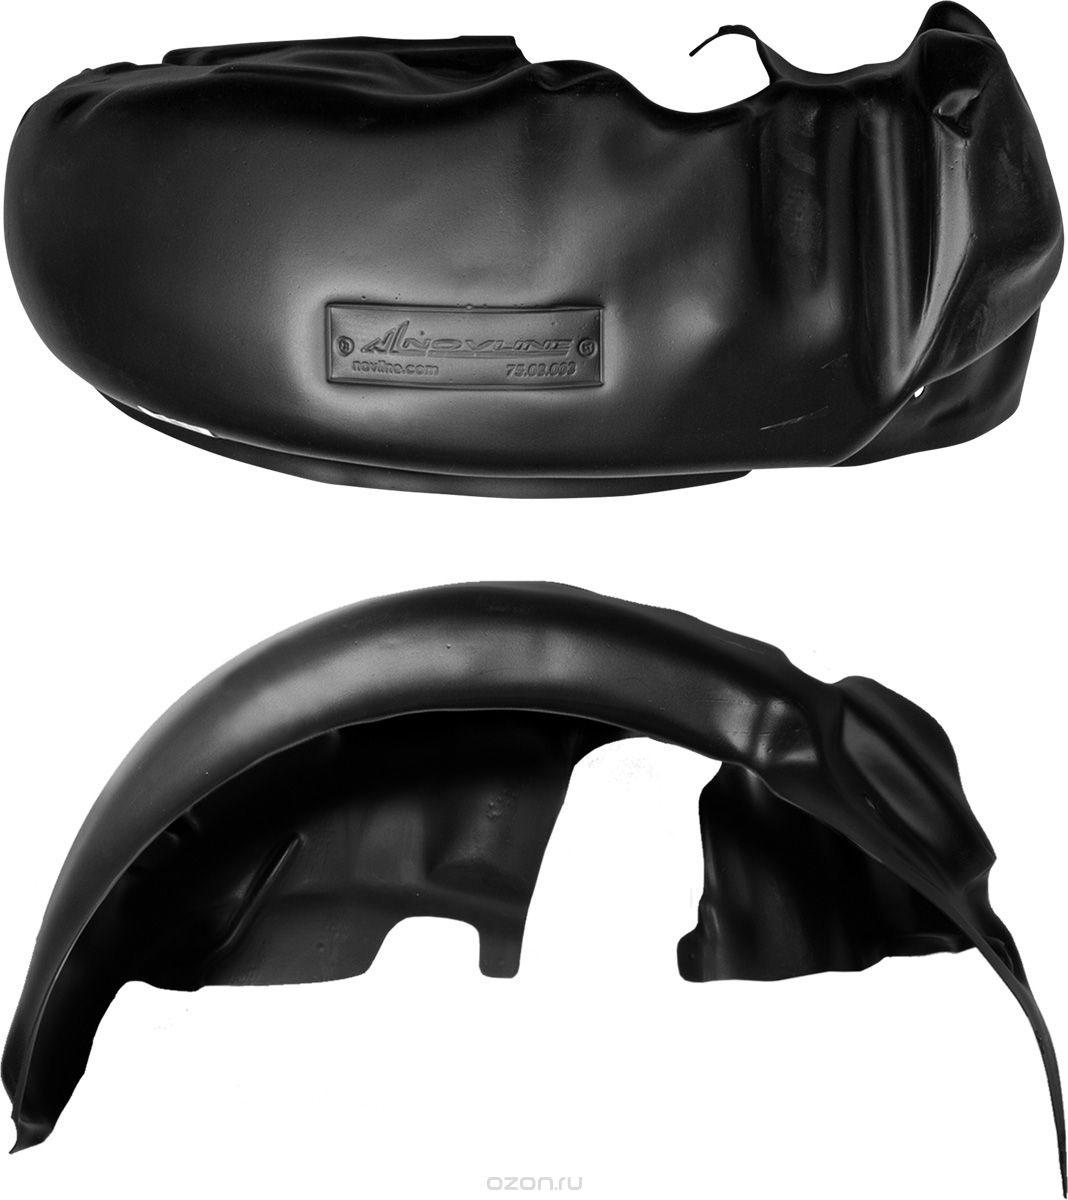 Подкрылок Novline-Autofamily, для KIA Cerato 03/2009-2013, передний левыйDW90Идеальная защита колесной ниши. Локеры разработаны с применением цифровых технологий, гарантируют максимальную повторяемость поверхности арки. Изделия устанавливаются без нарушения лакокрасочного покрытия автомобиля, каждый подкрылок комплектуется крепежом. Уважаемые клиенты, обращаем ваше внимание, что фотографии на подкрылки универсальные и не отражают реальную форму изделия. При этом само изделие идет точно под размер указанного автомобиля.